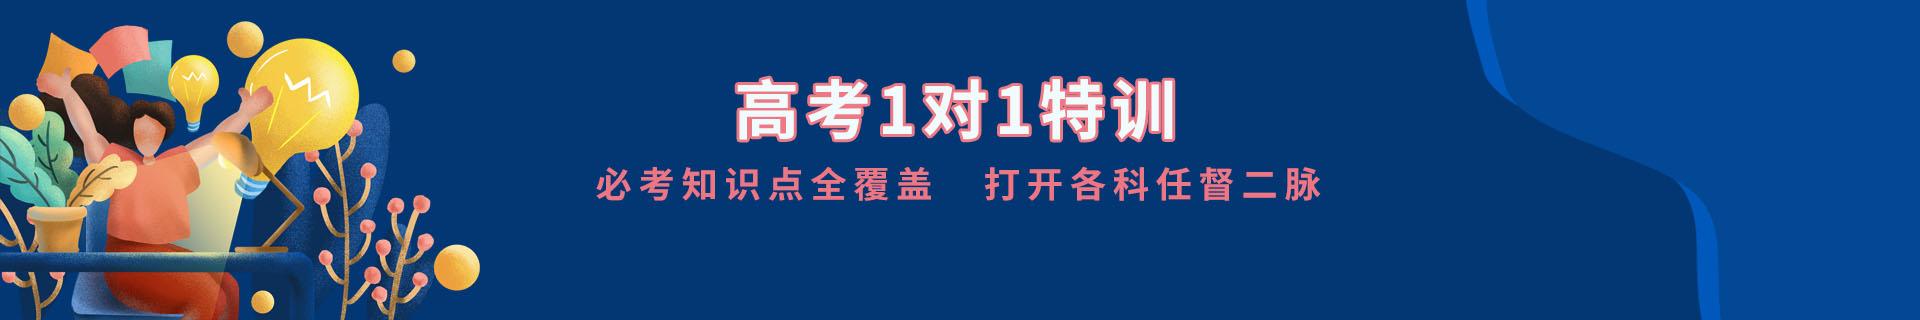 榆林榆阳区秦学教育培训机构